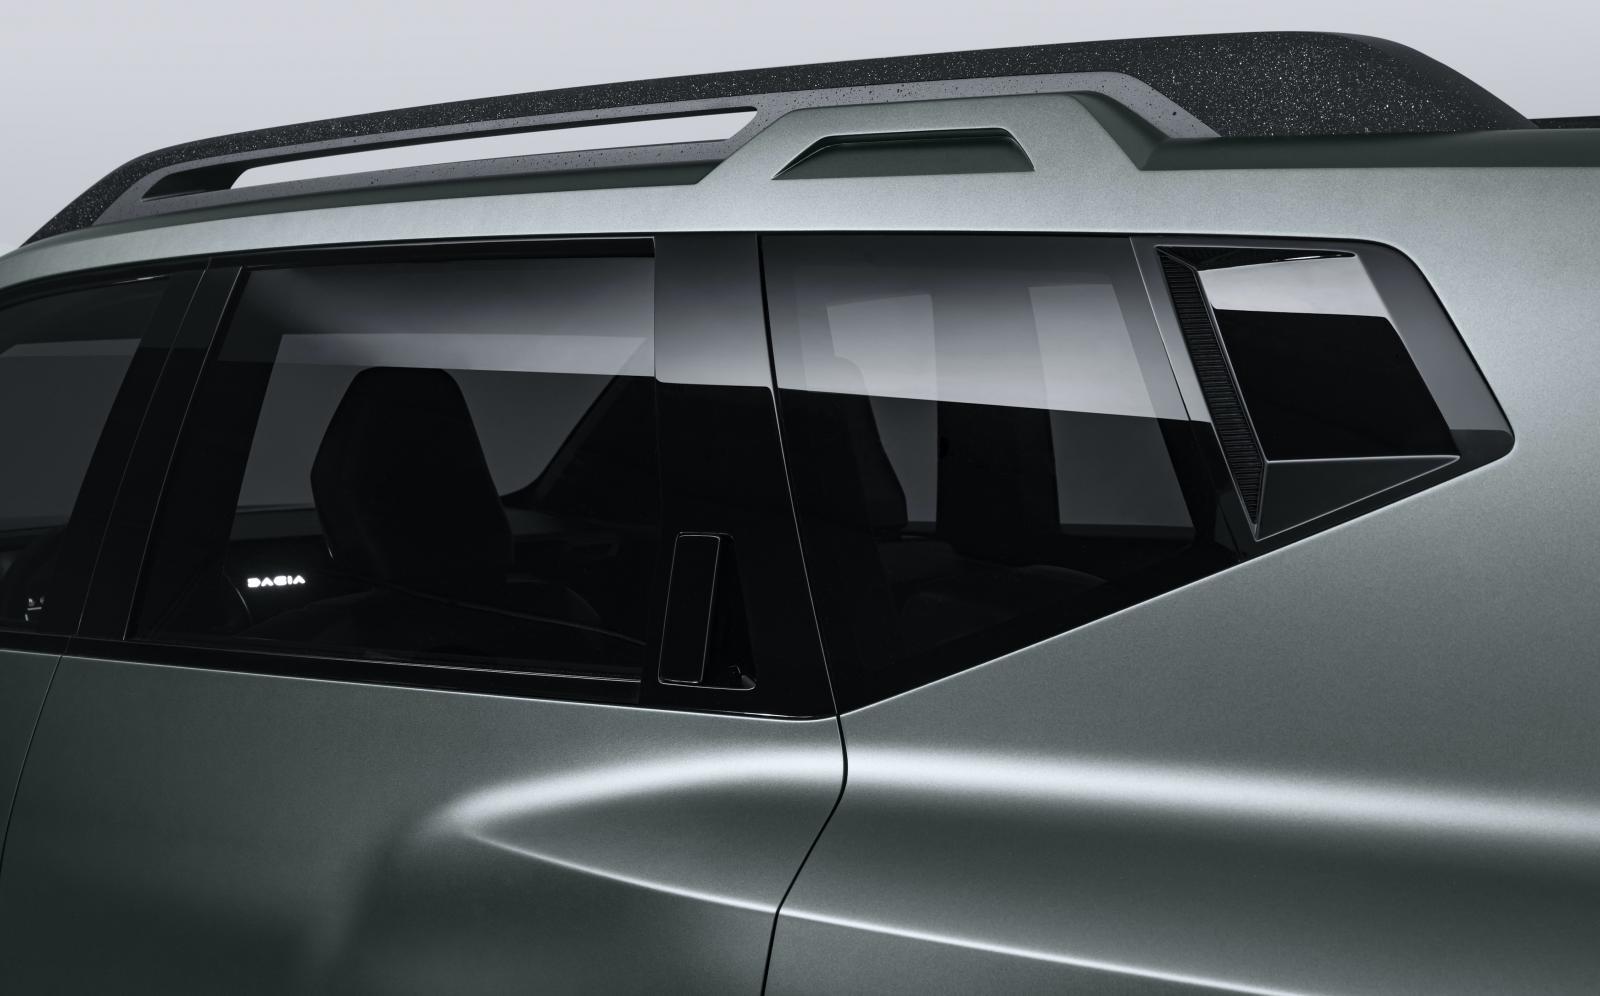 Dacia Bigster är en tuff terrängsuv som utmanar Toyota RAV4